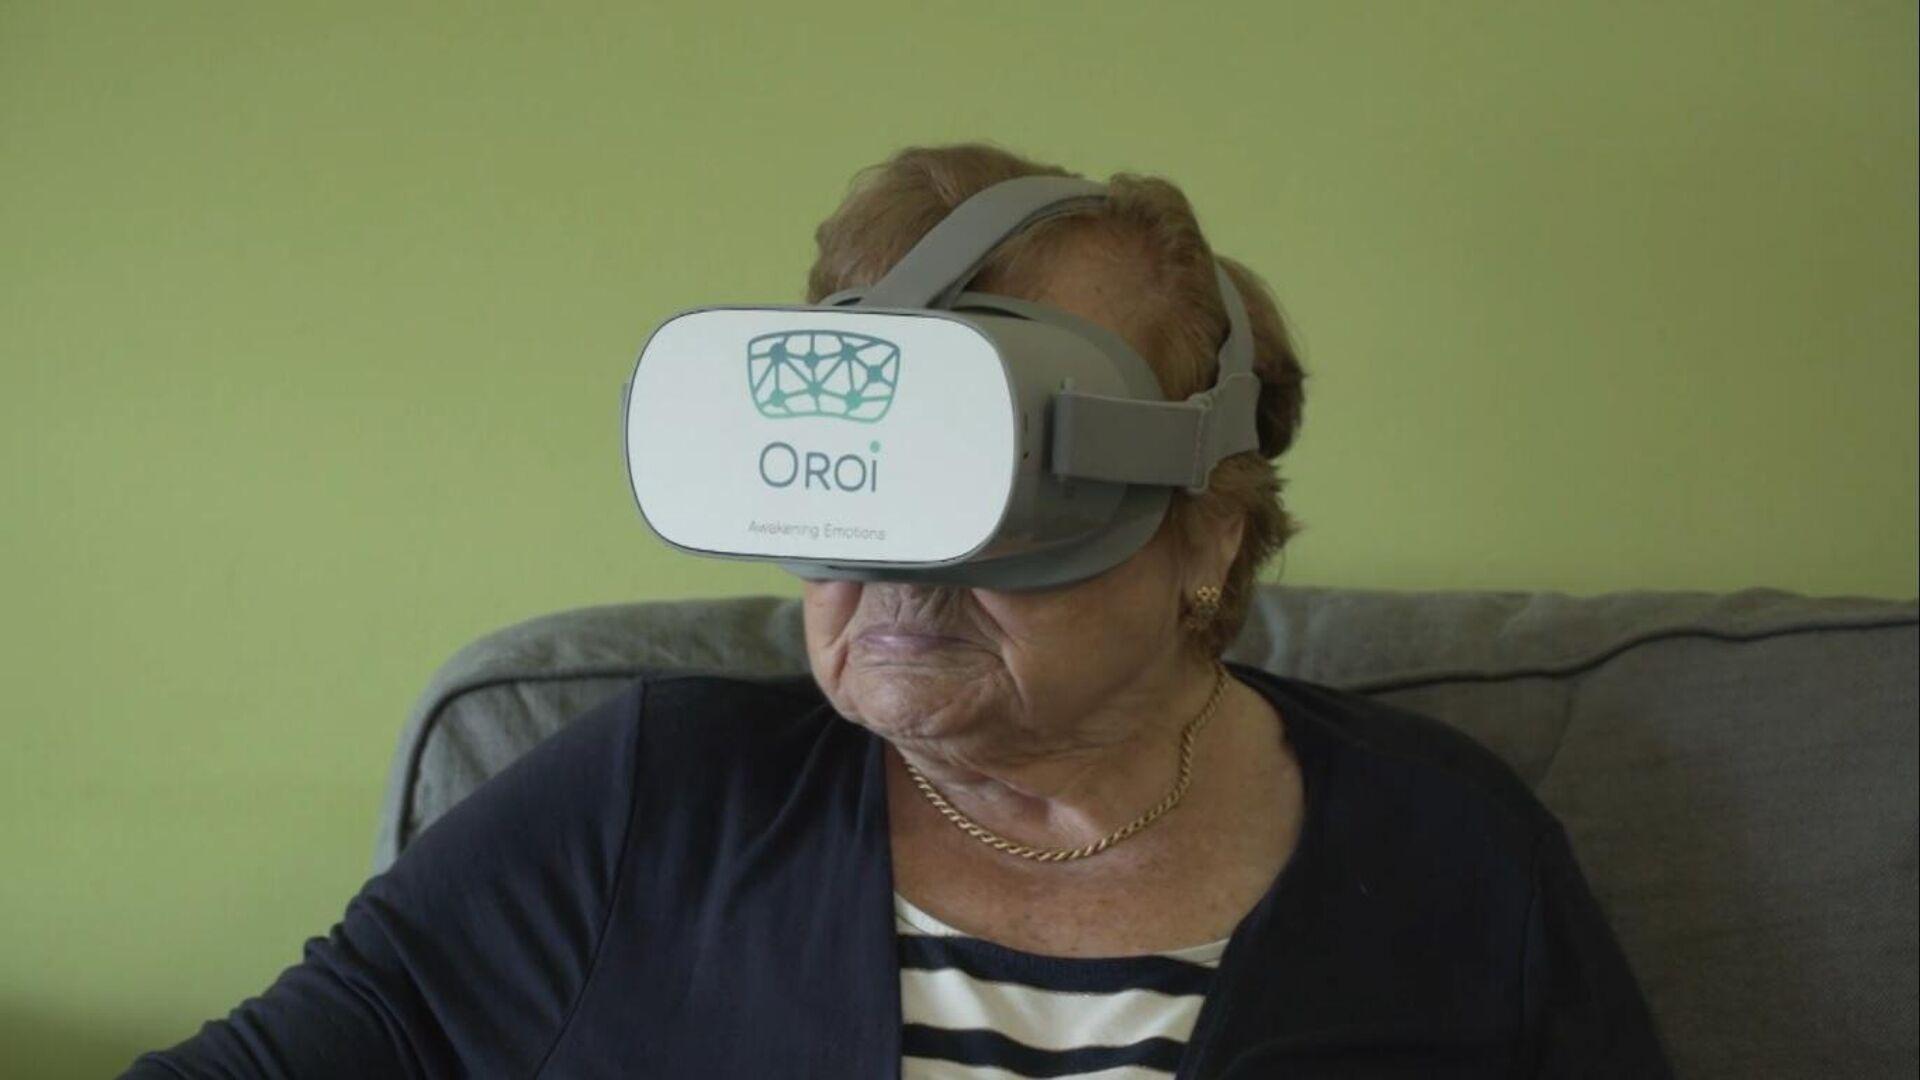 Unas gafas de realidad virtual permiten que unos mayores viajen sin salir de la residencia - Sputnik Mundo, 1920, 13.05.2021